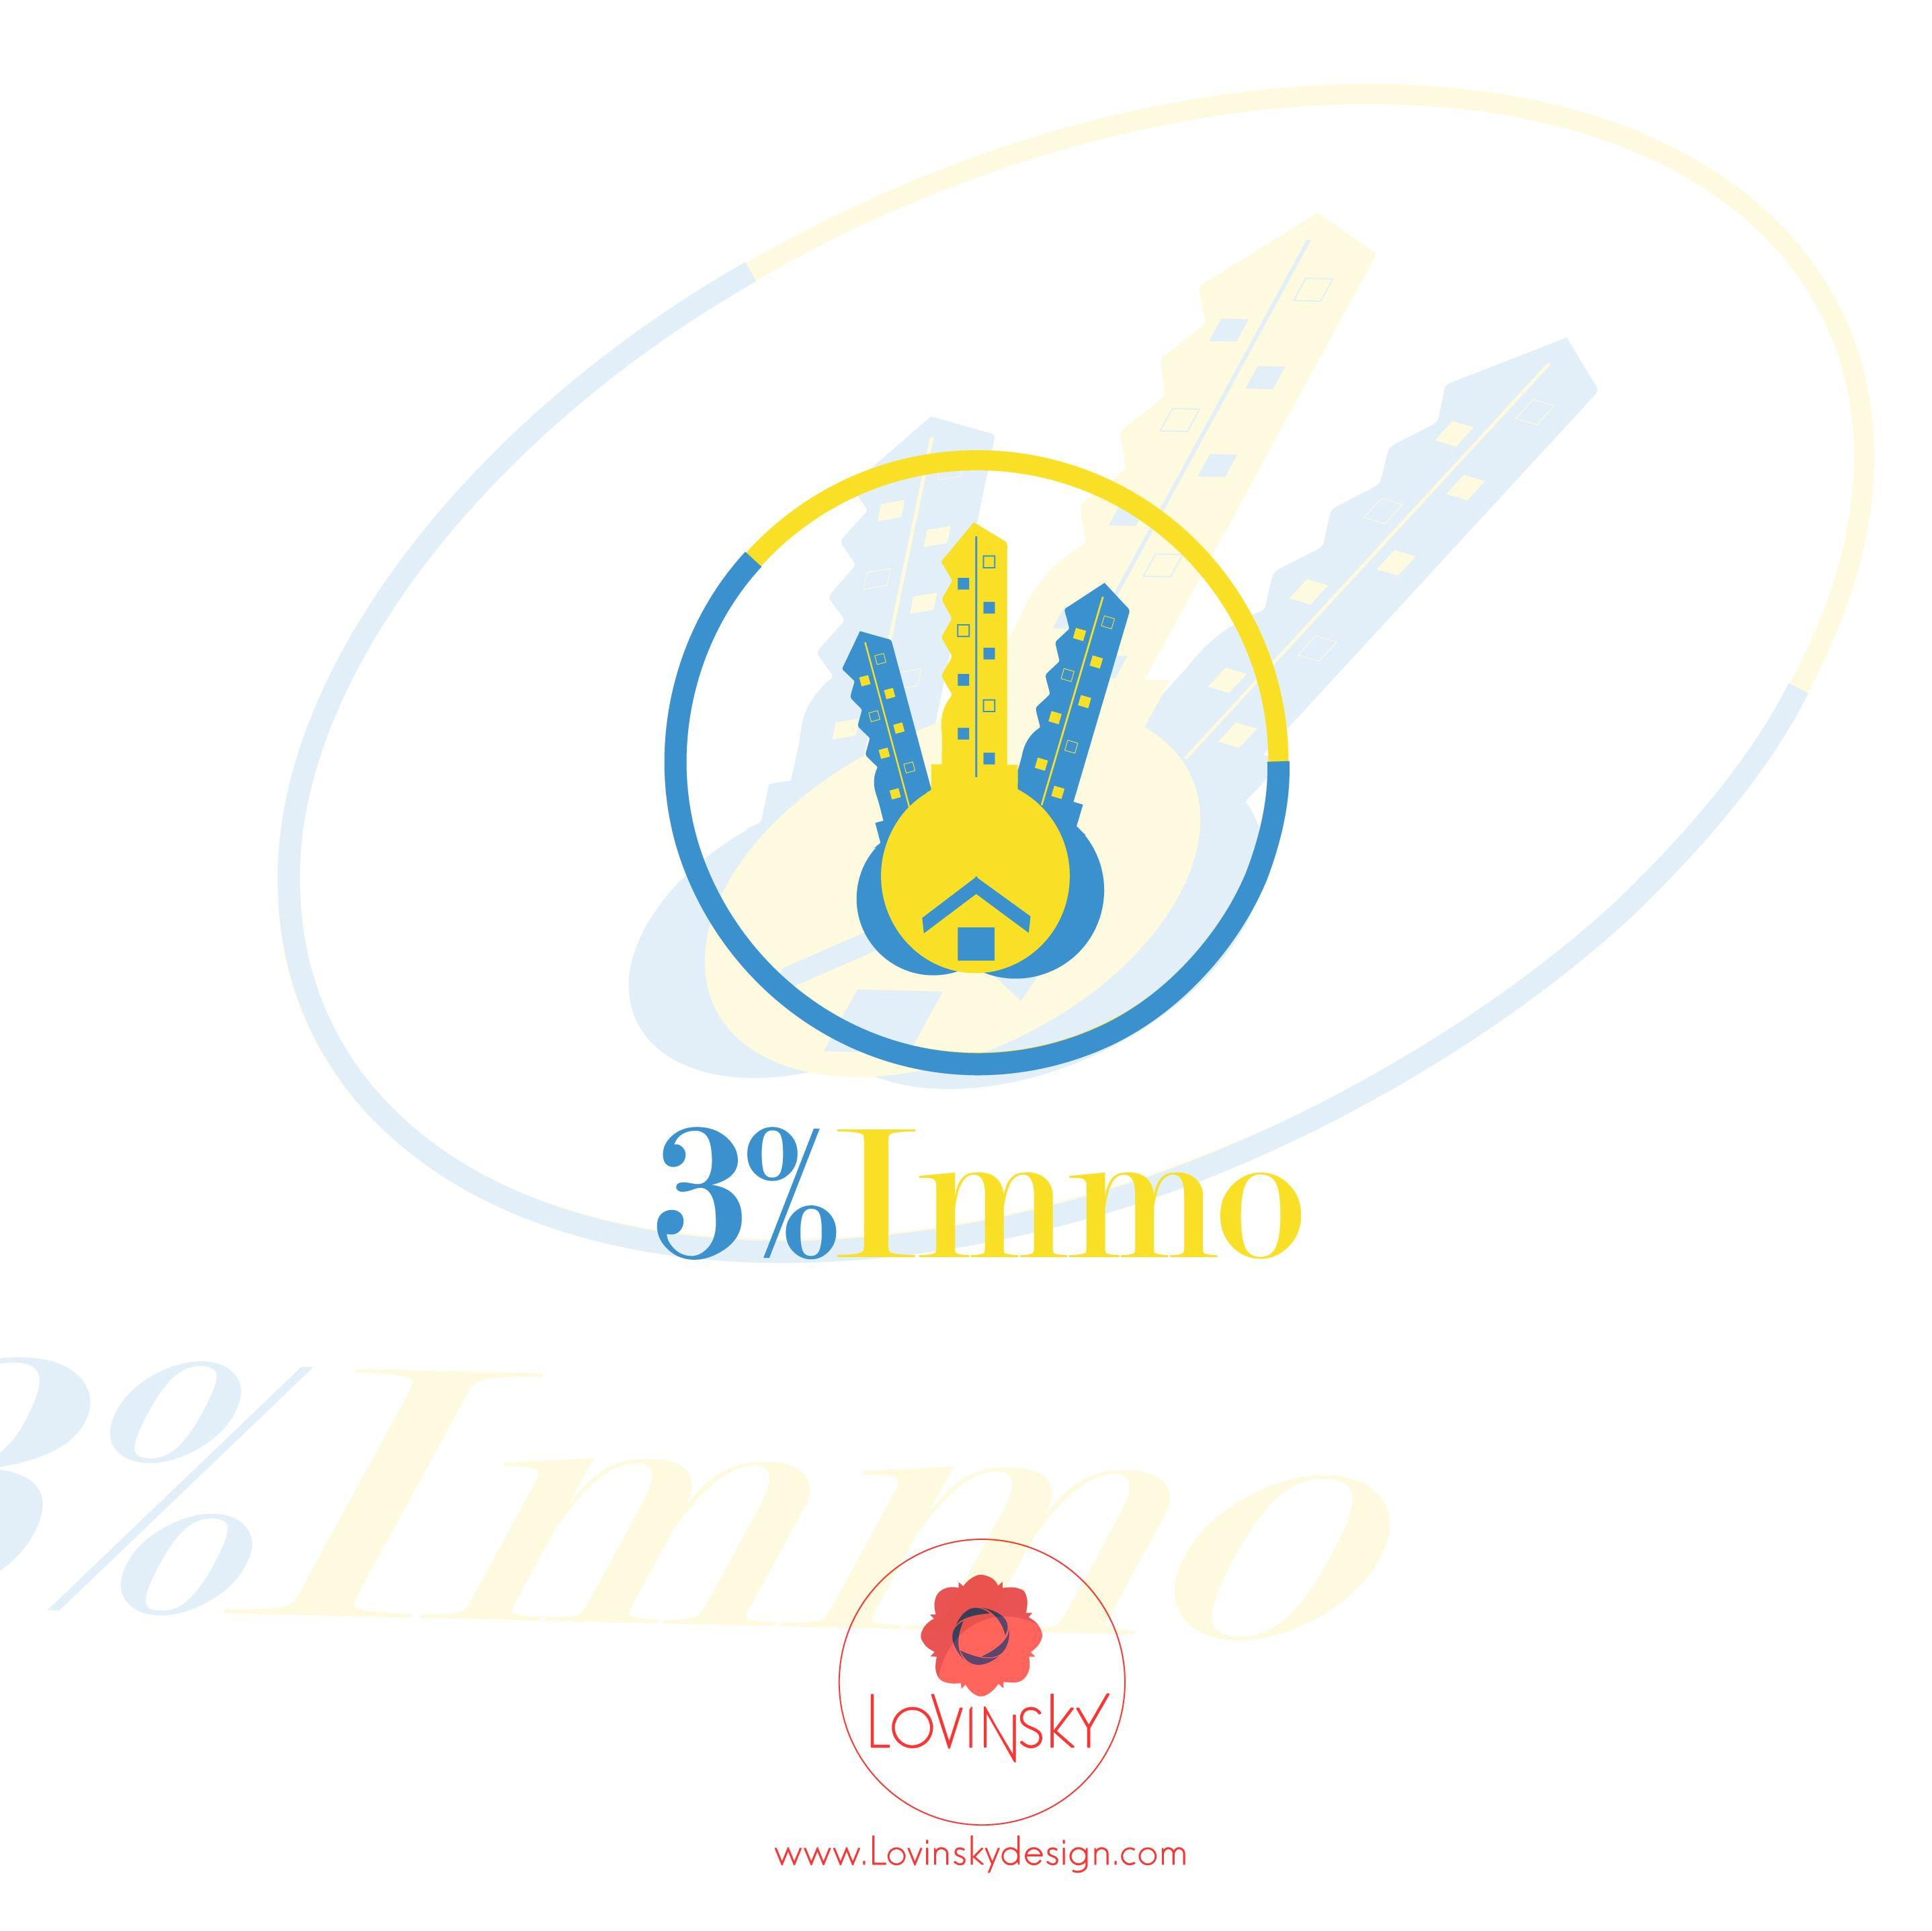 3%-immo logo lovinsky graphiste webdesigner freelance nantes 44